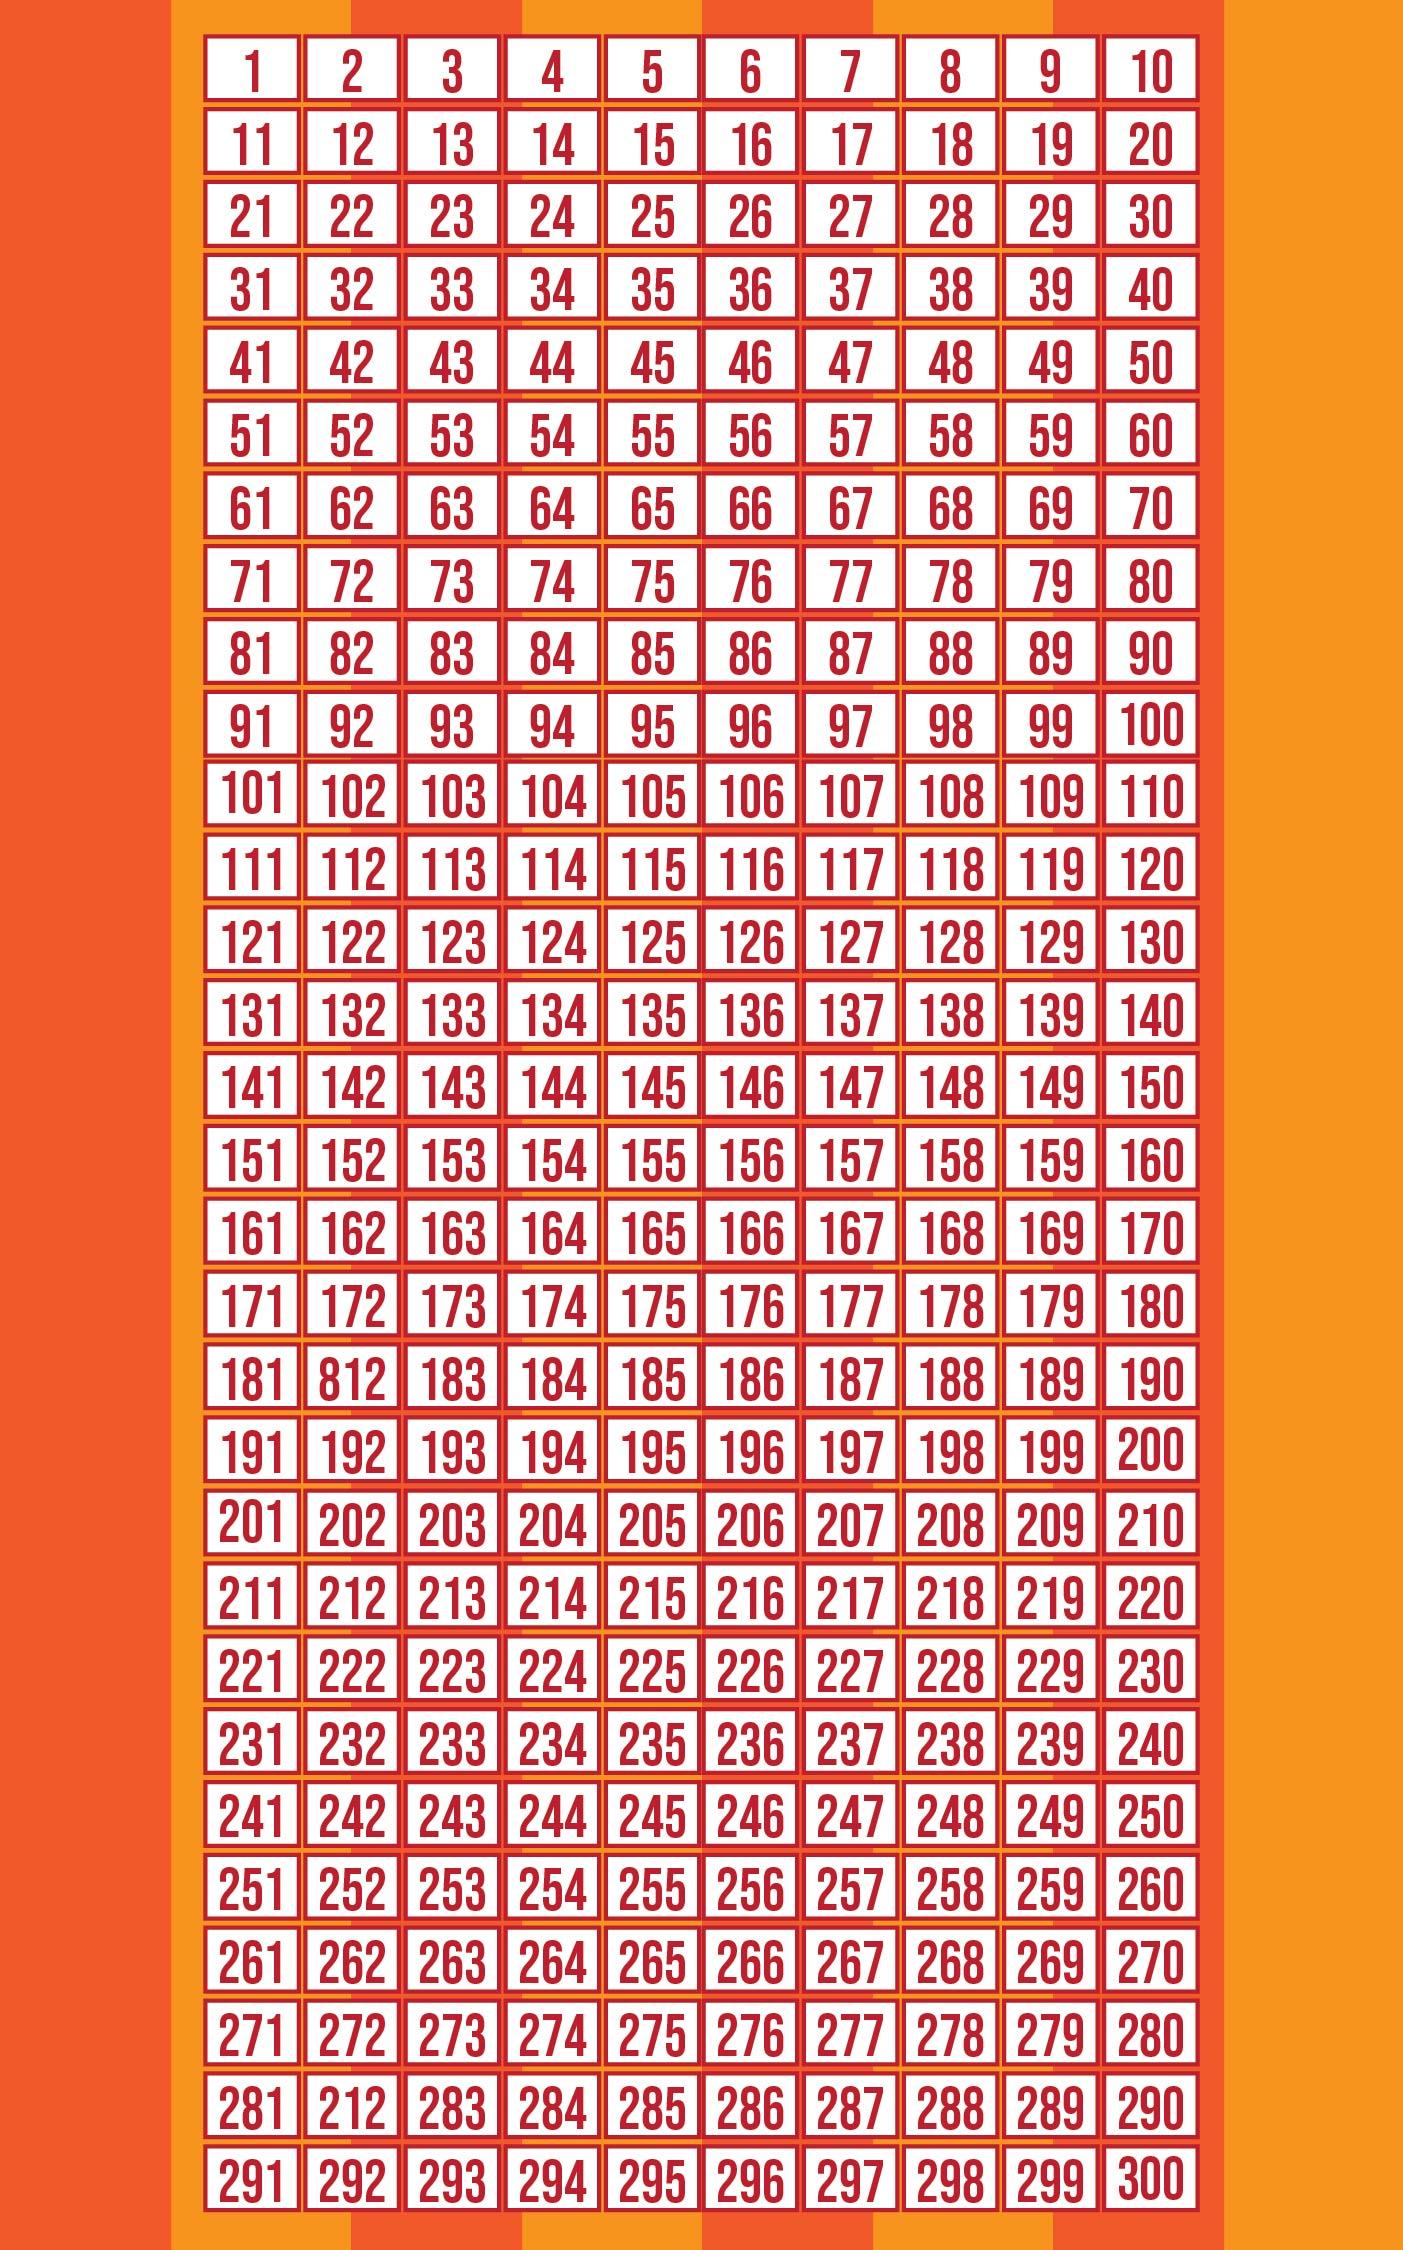 Number Names Worksheets free printable number chart 1-100 : 9 Best Images of Free Printable Number Chart 1 -100 - Kindergarten ...